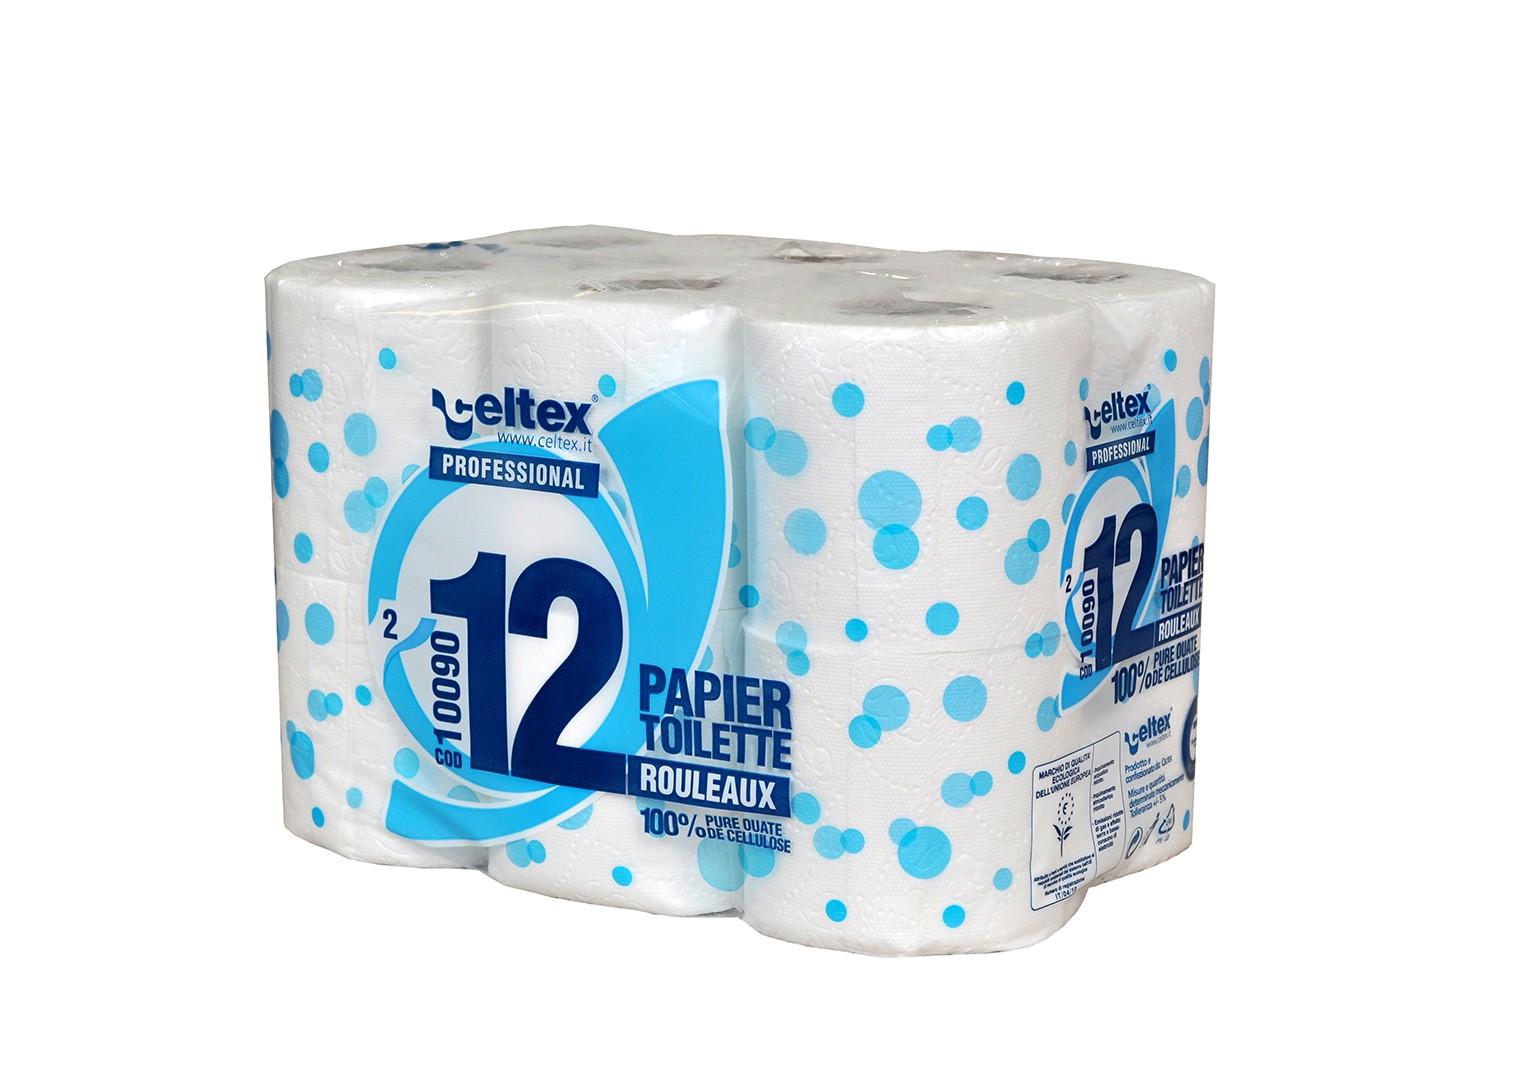 Papier toilette petits rouleaux blancs 2Pl 180 F - Colis de 96 - 8x12 rouleaux